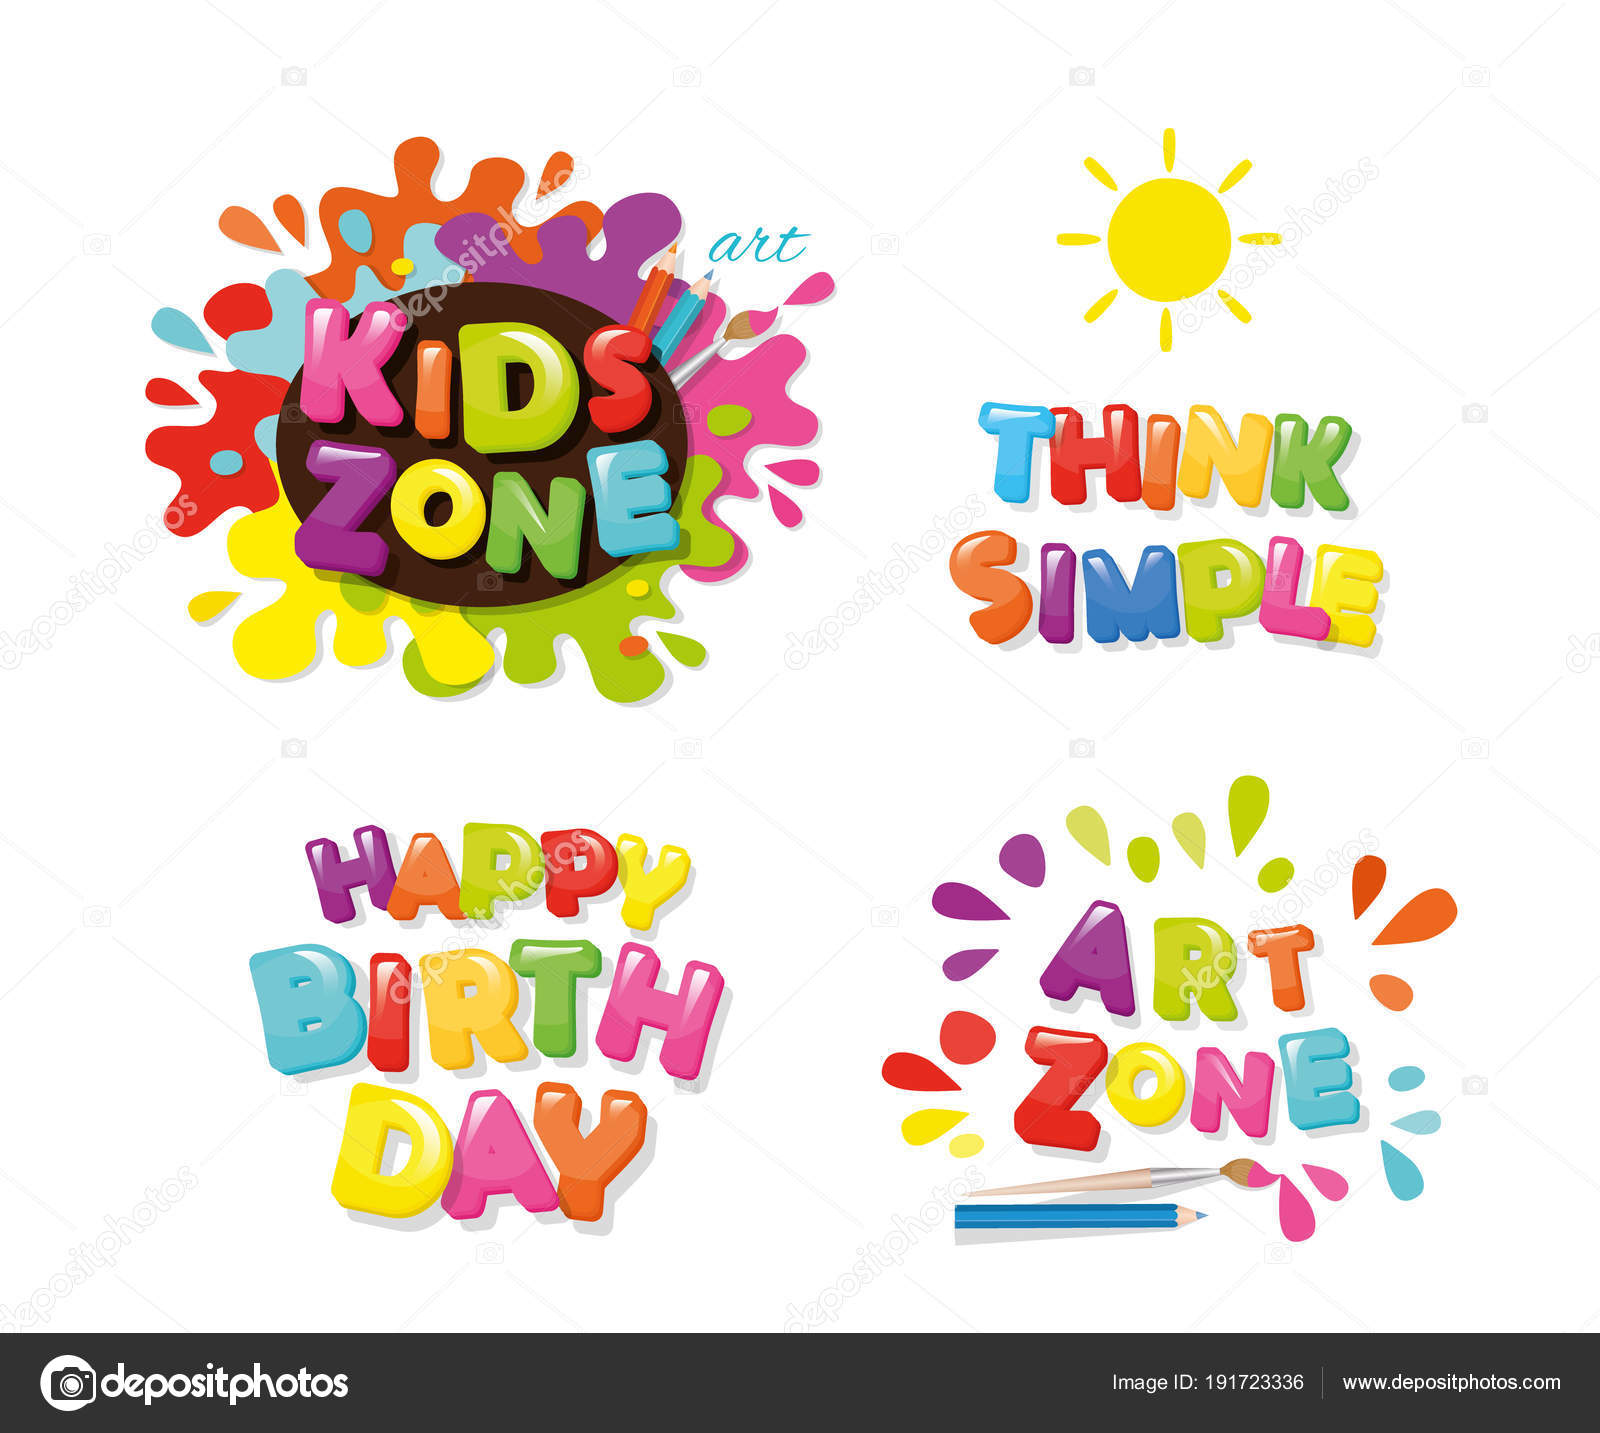 Lindo diseño para niños. Zona de arte, feliz cumpleaños, piensa ...